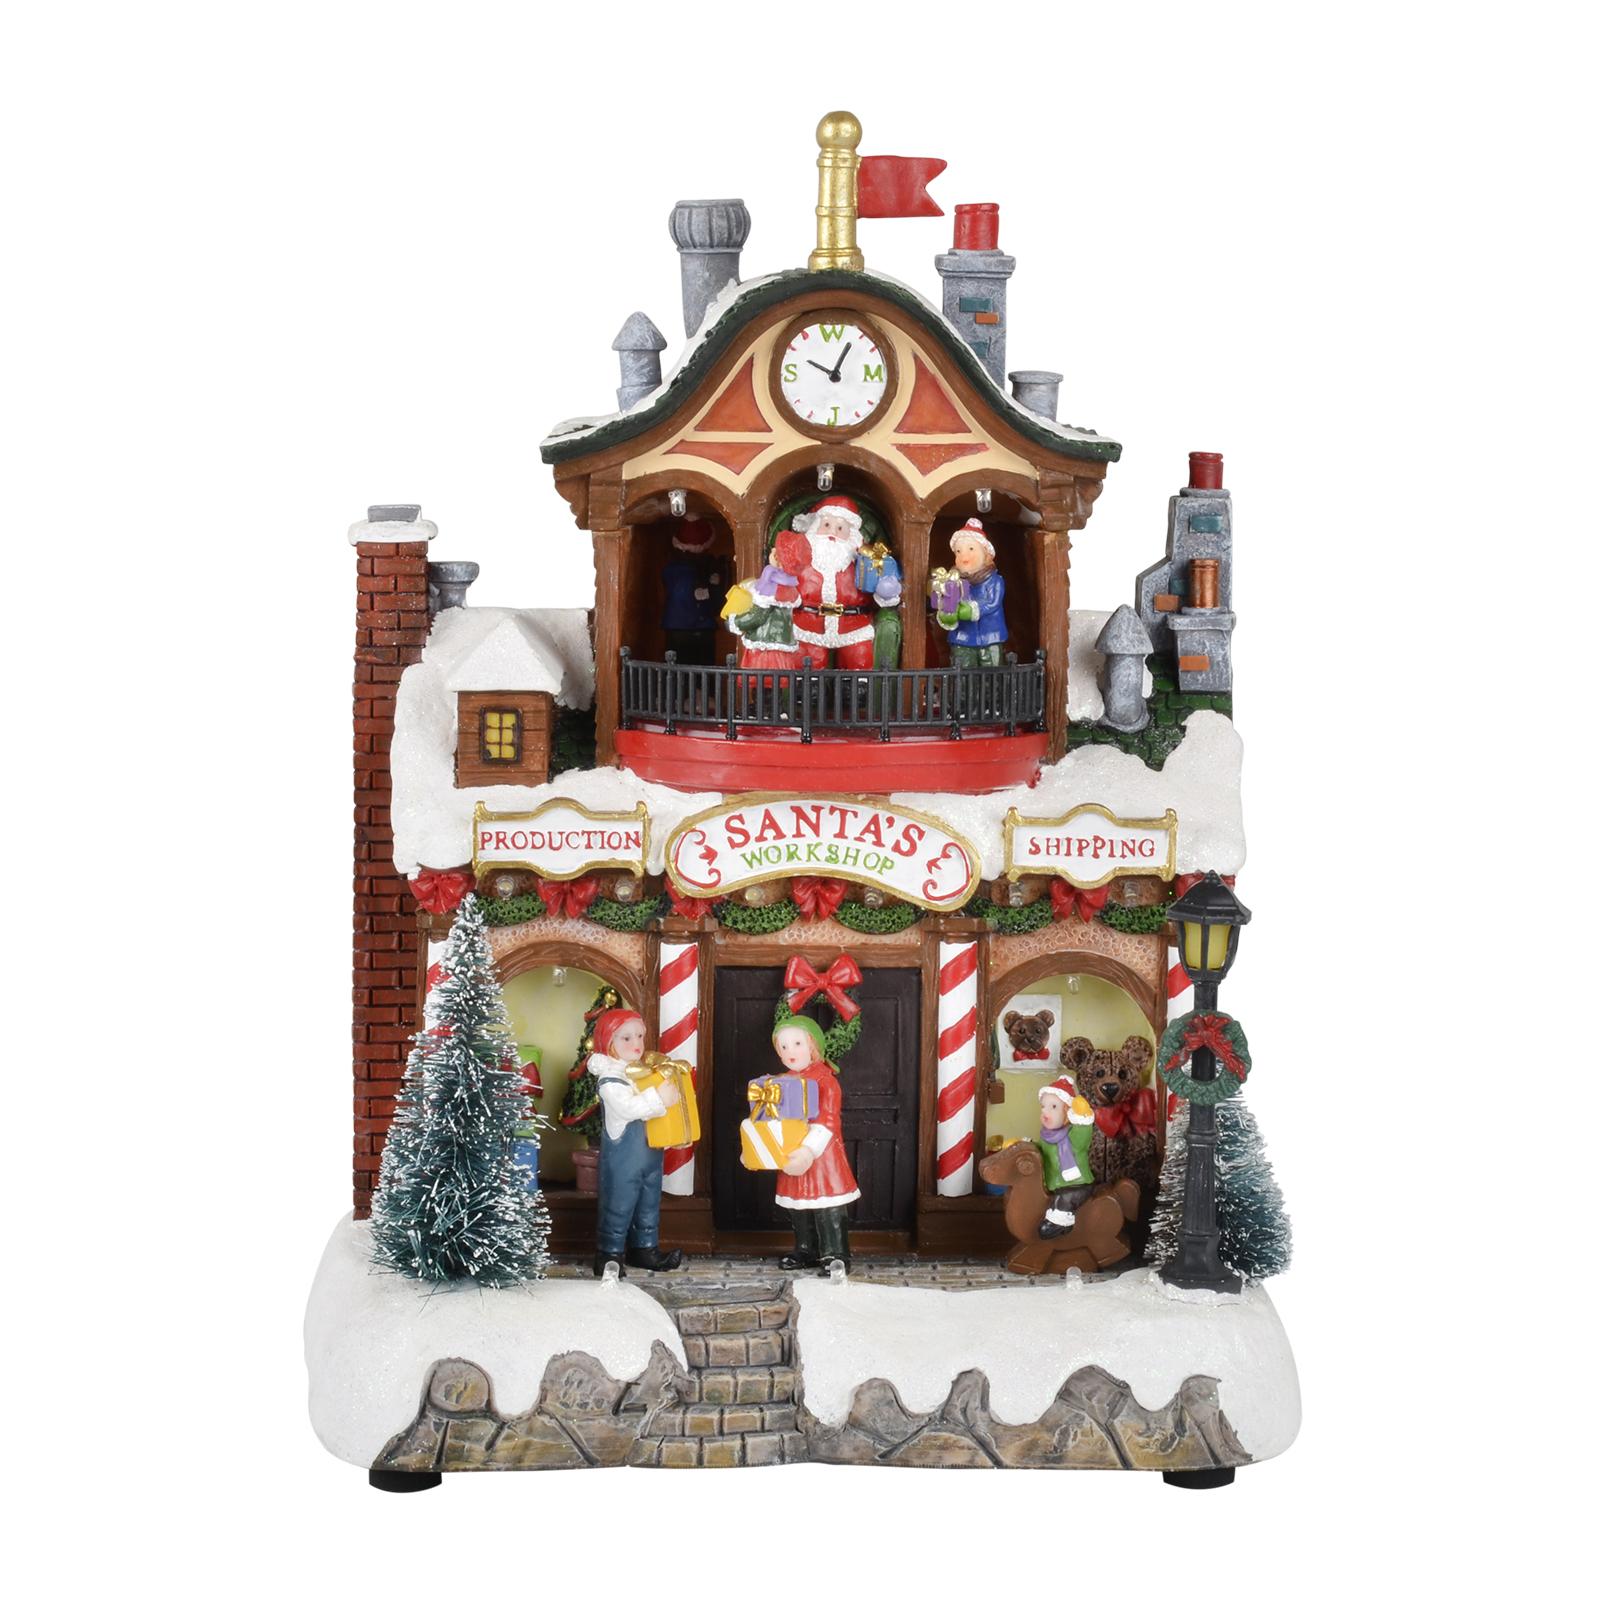 Christmas decorations uk international delivery : Xmas santa work clock led decoration christmas crimbo